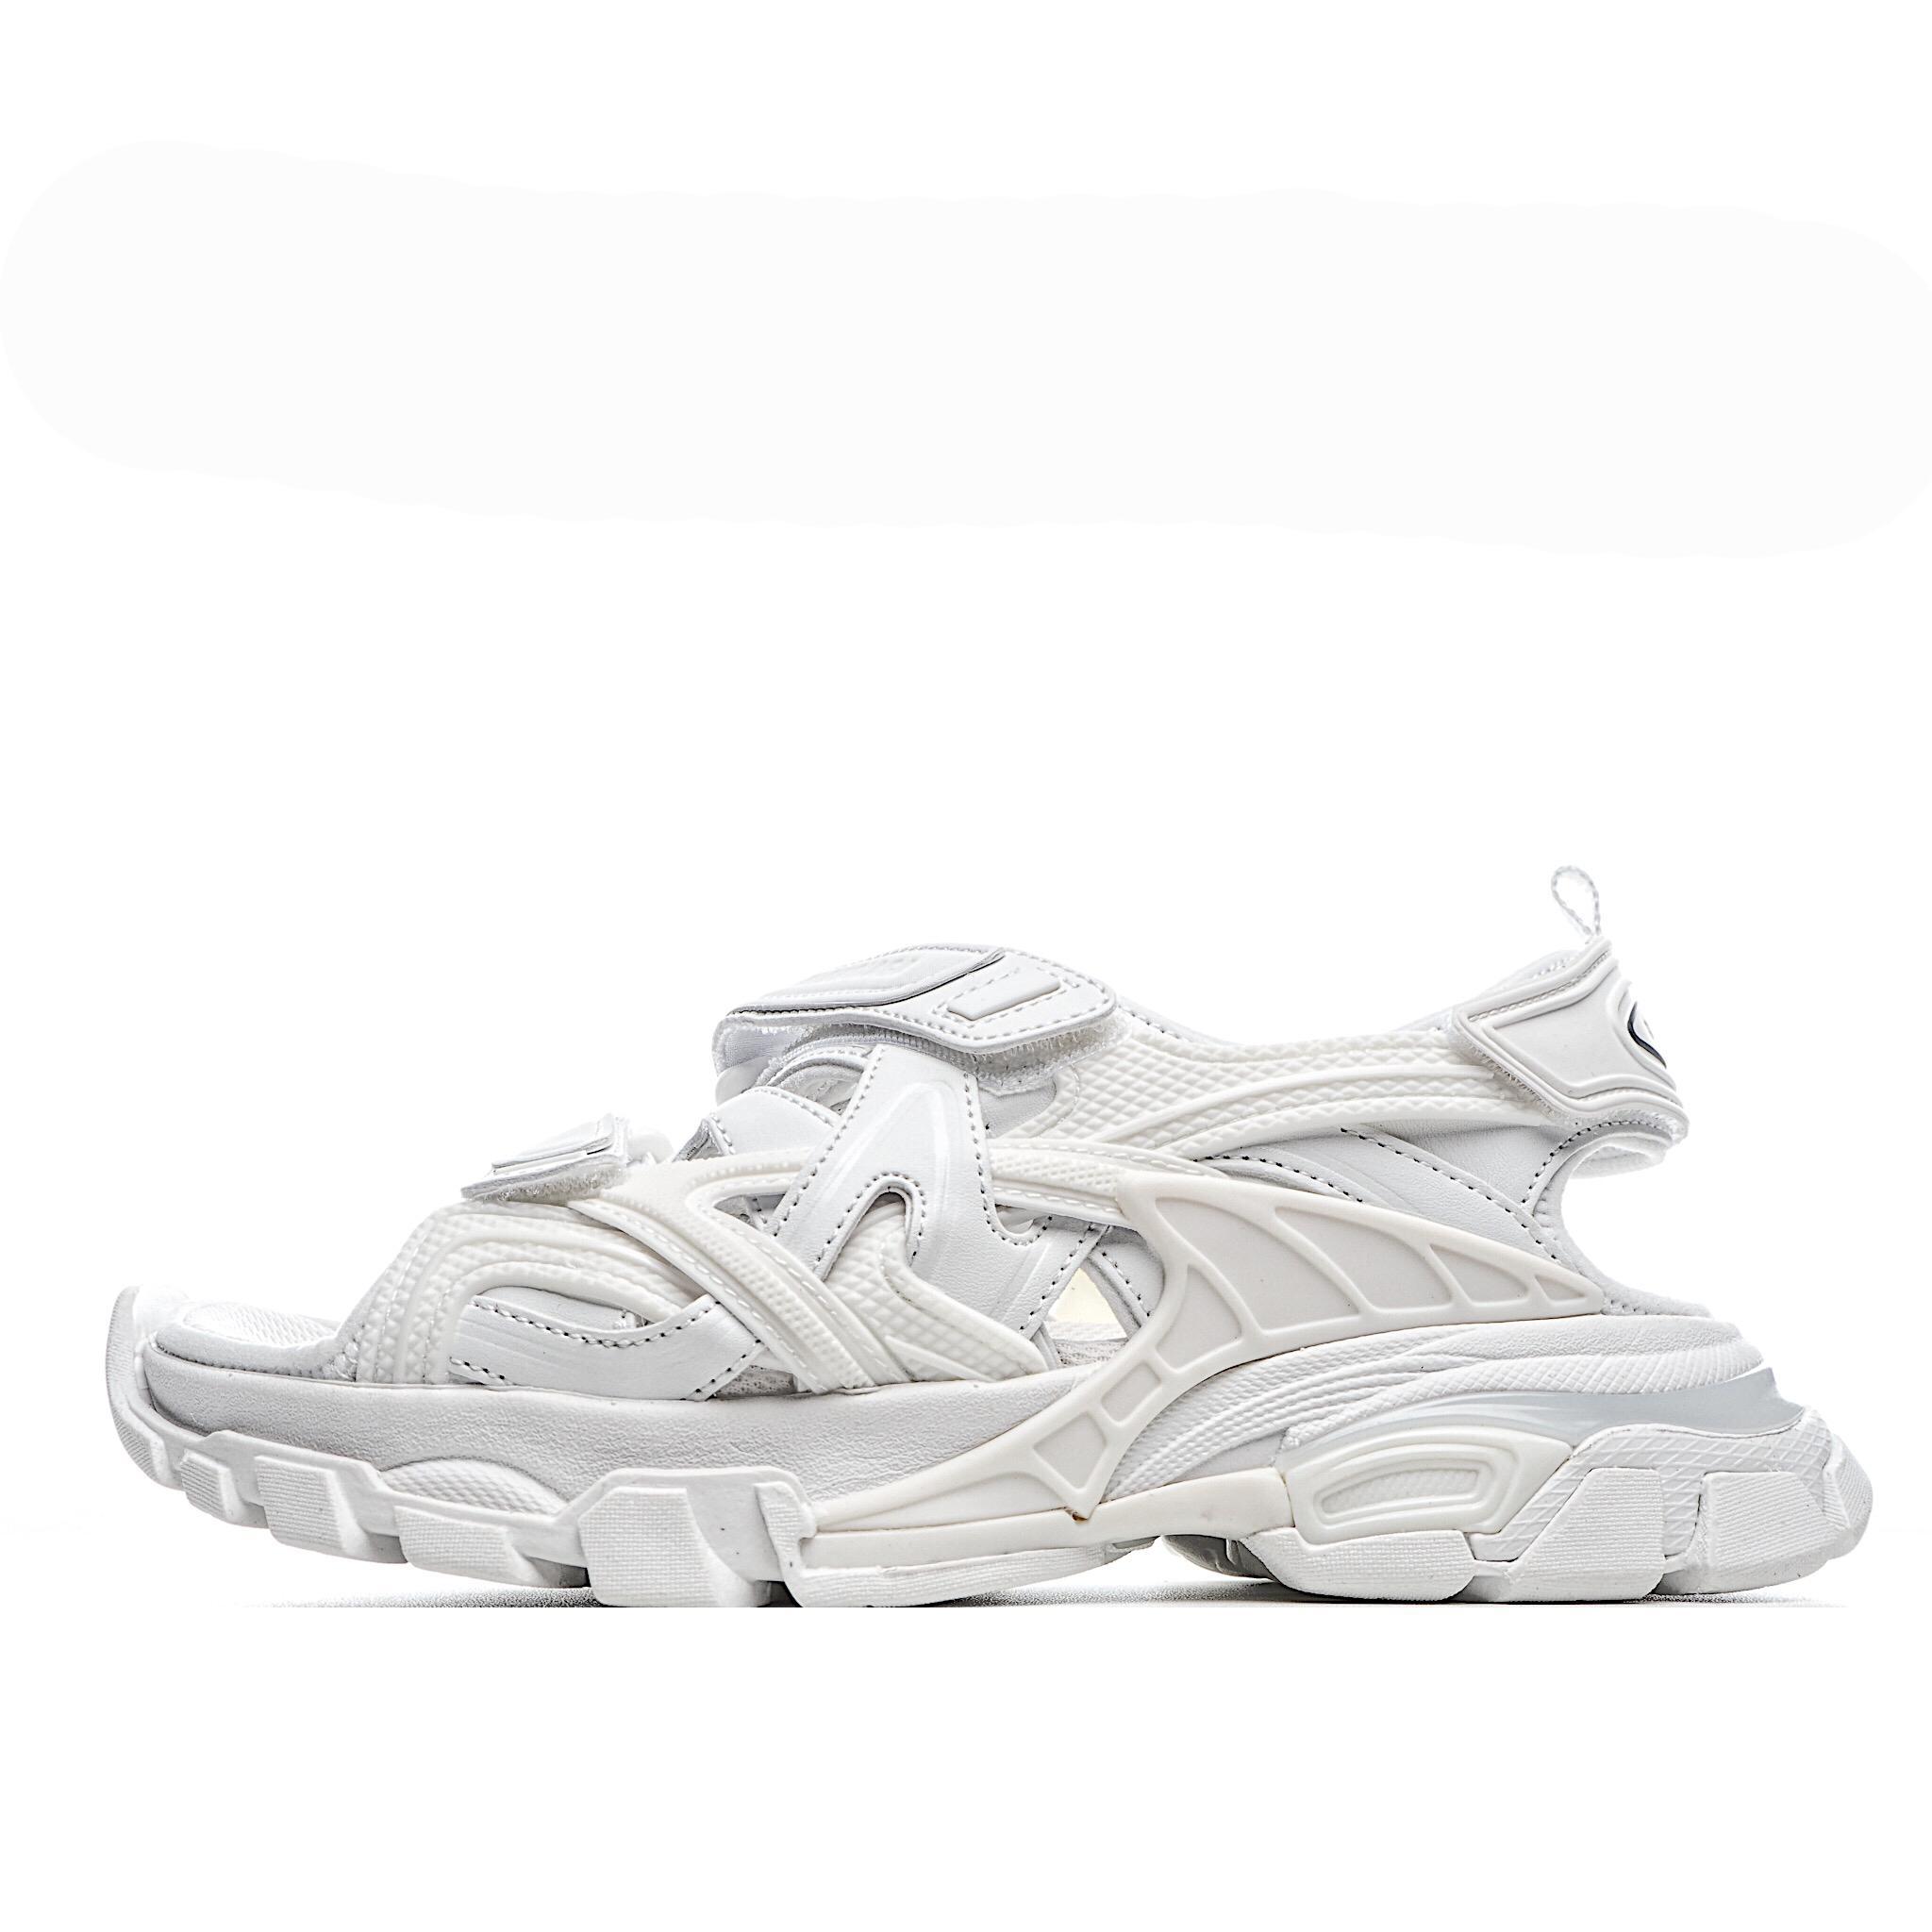 kadın ve erkek tabanlık örgü için 2020 Retro Toka Platformu 4 Nesil Track2 Baba Sandalet Kadın ayakkabı bahar ve yaz yeni stiller